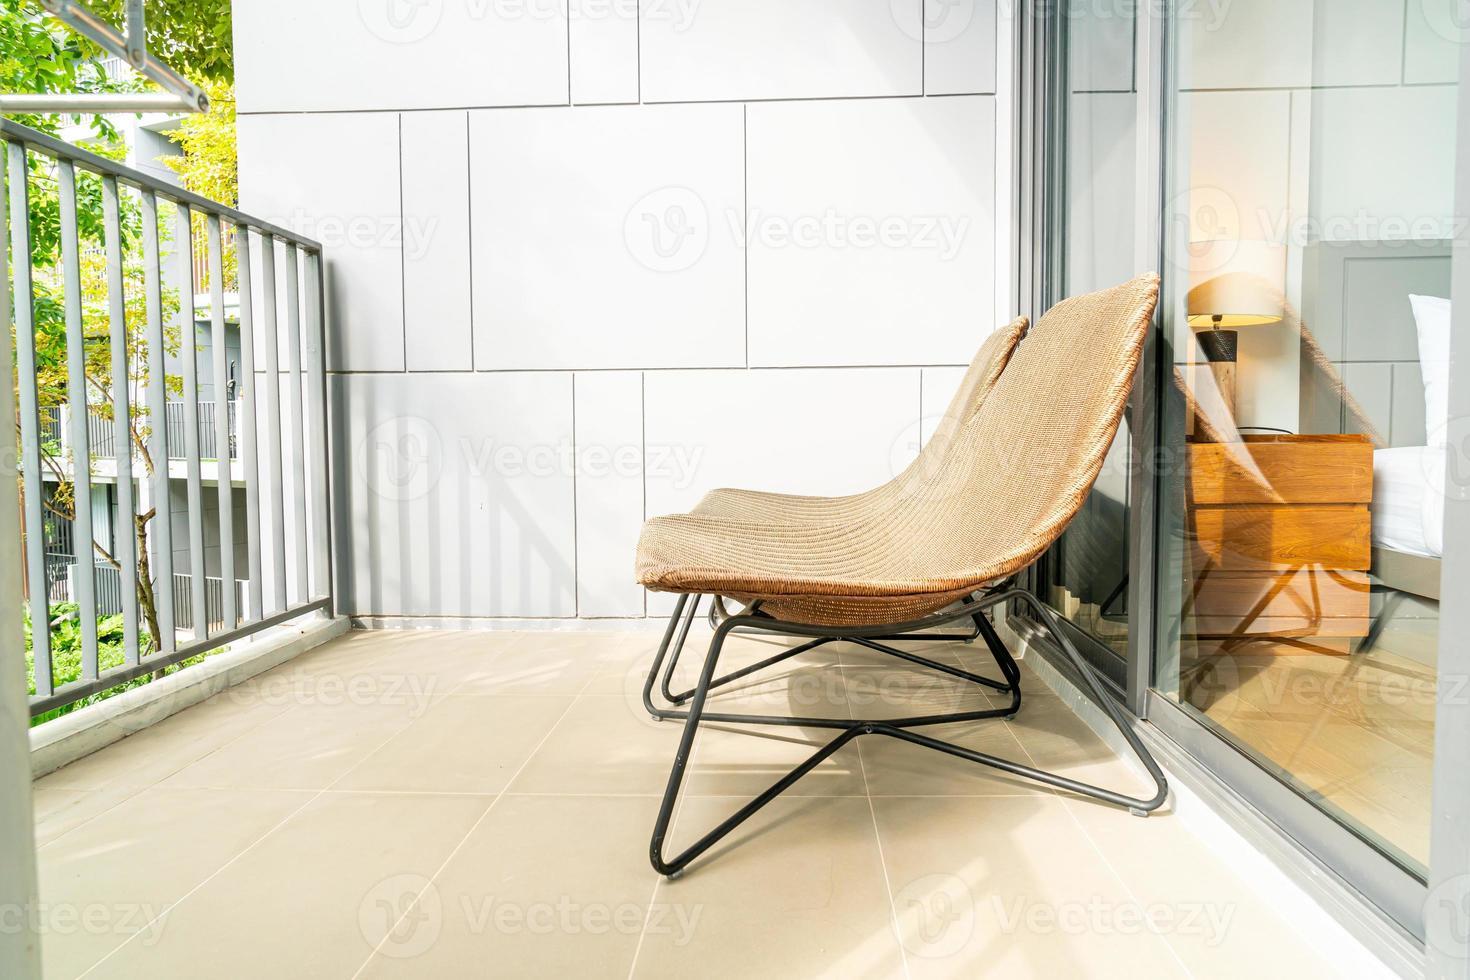 Chaise de patio extérieur vide sur balcon photo